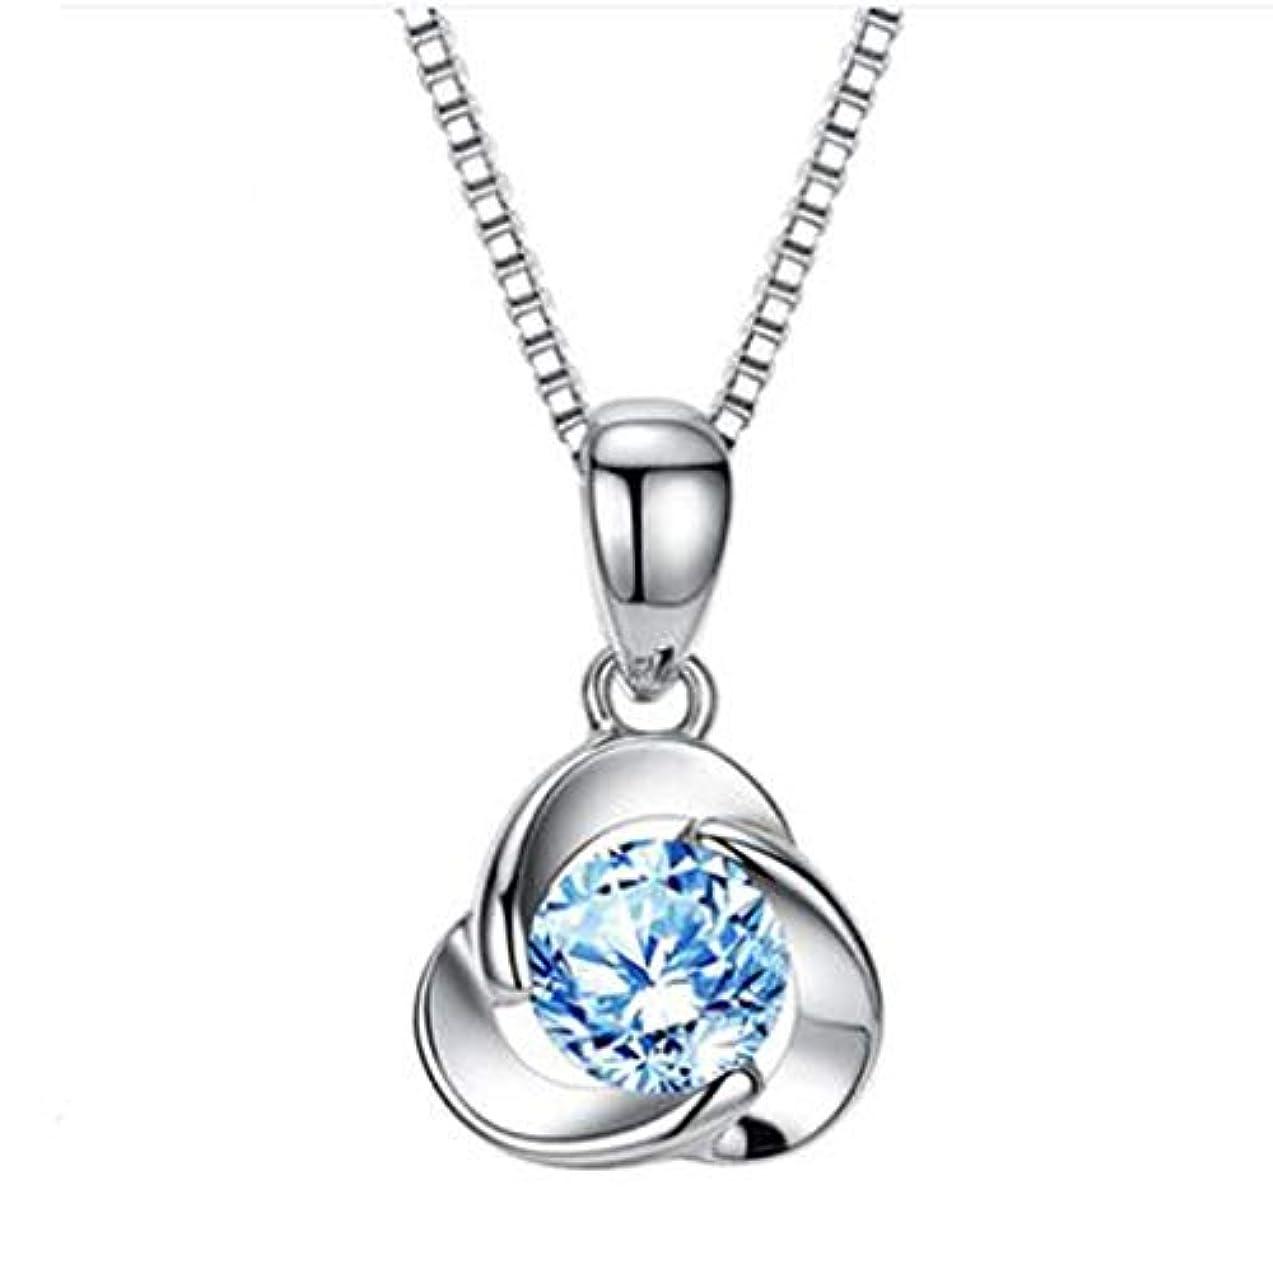 輝度アンカーポットFengshangshanghang ガールフレンドの妻の誕生日プレゼントを送る女性実用クリエイティブロマンチックな特別な心小さな贈り物,家の装飾 (Color : Blue)